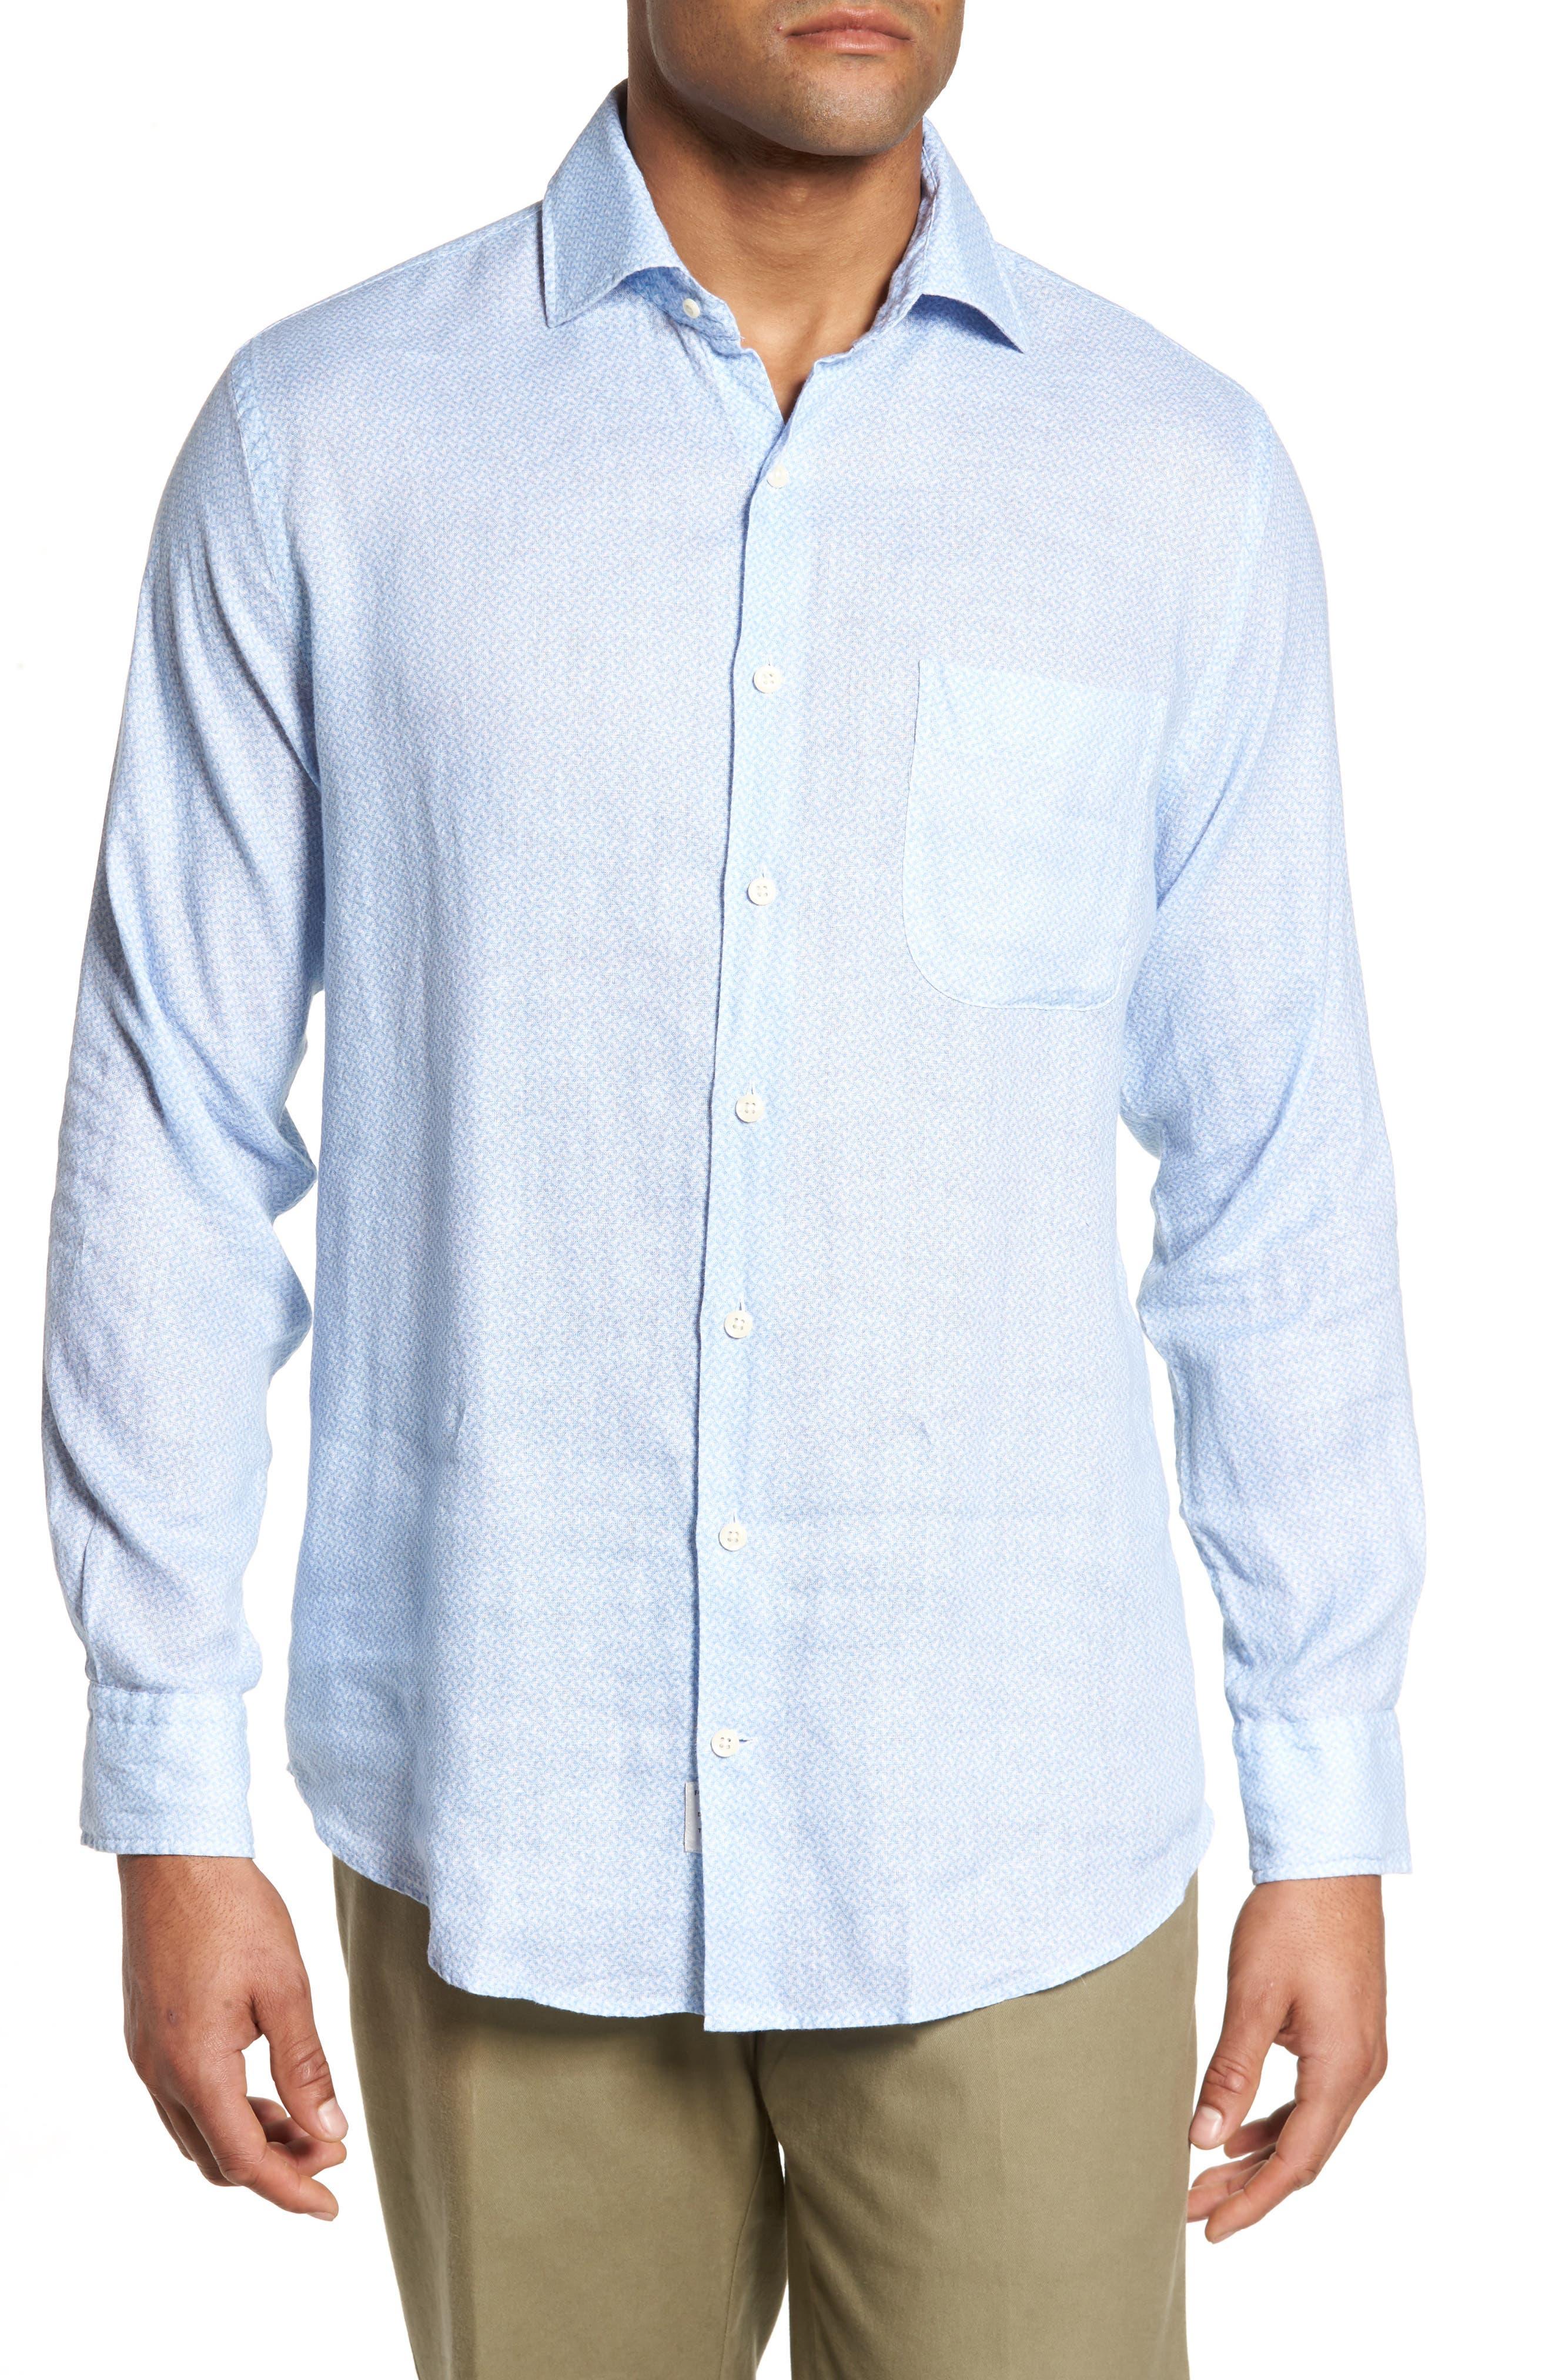 Whirlwind Regular Fit Linen Sport Shirt,                             Main thumbnail 1, color,                             Tar Heel Blue